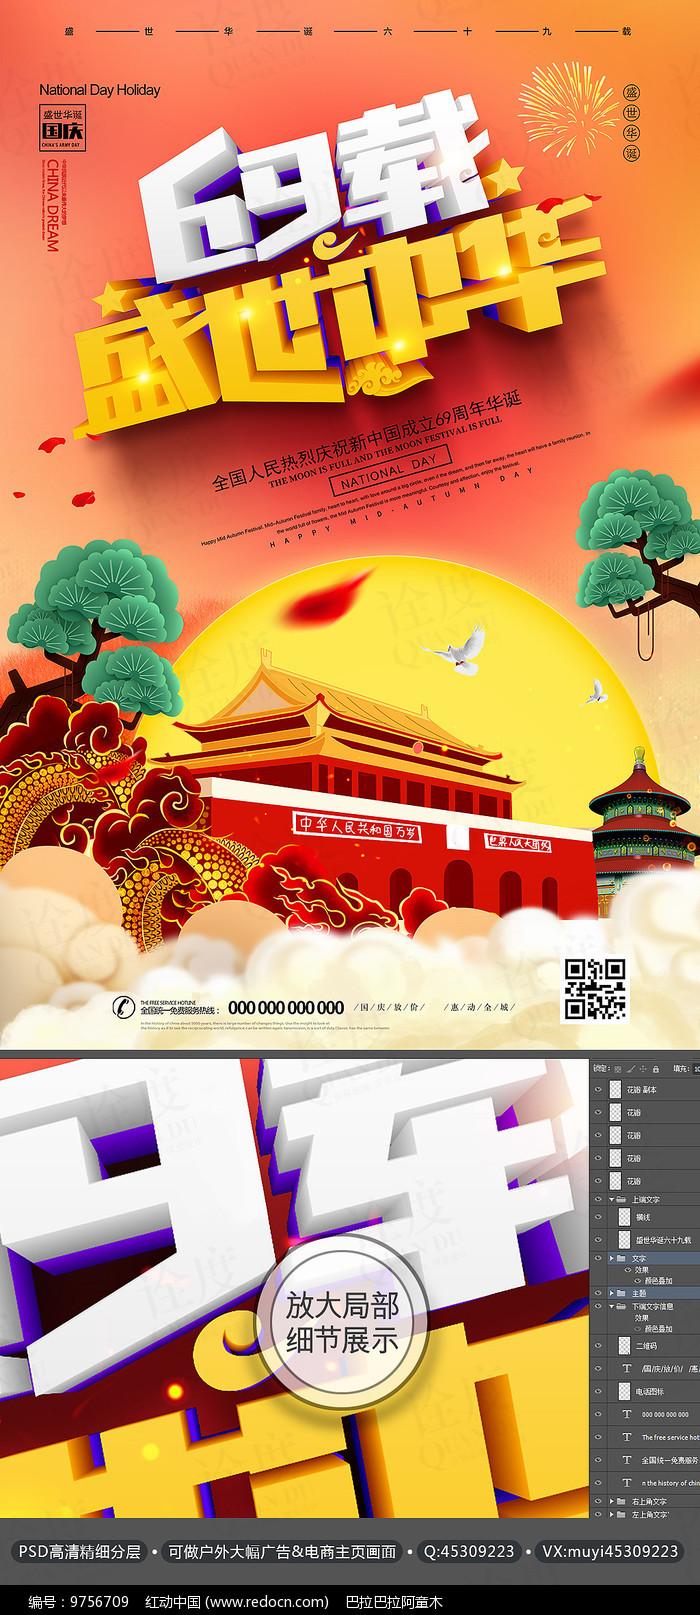 建国69年盛世中华国庆节海报图片